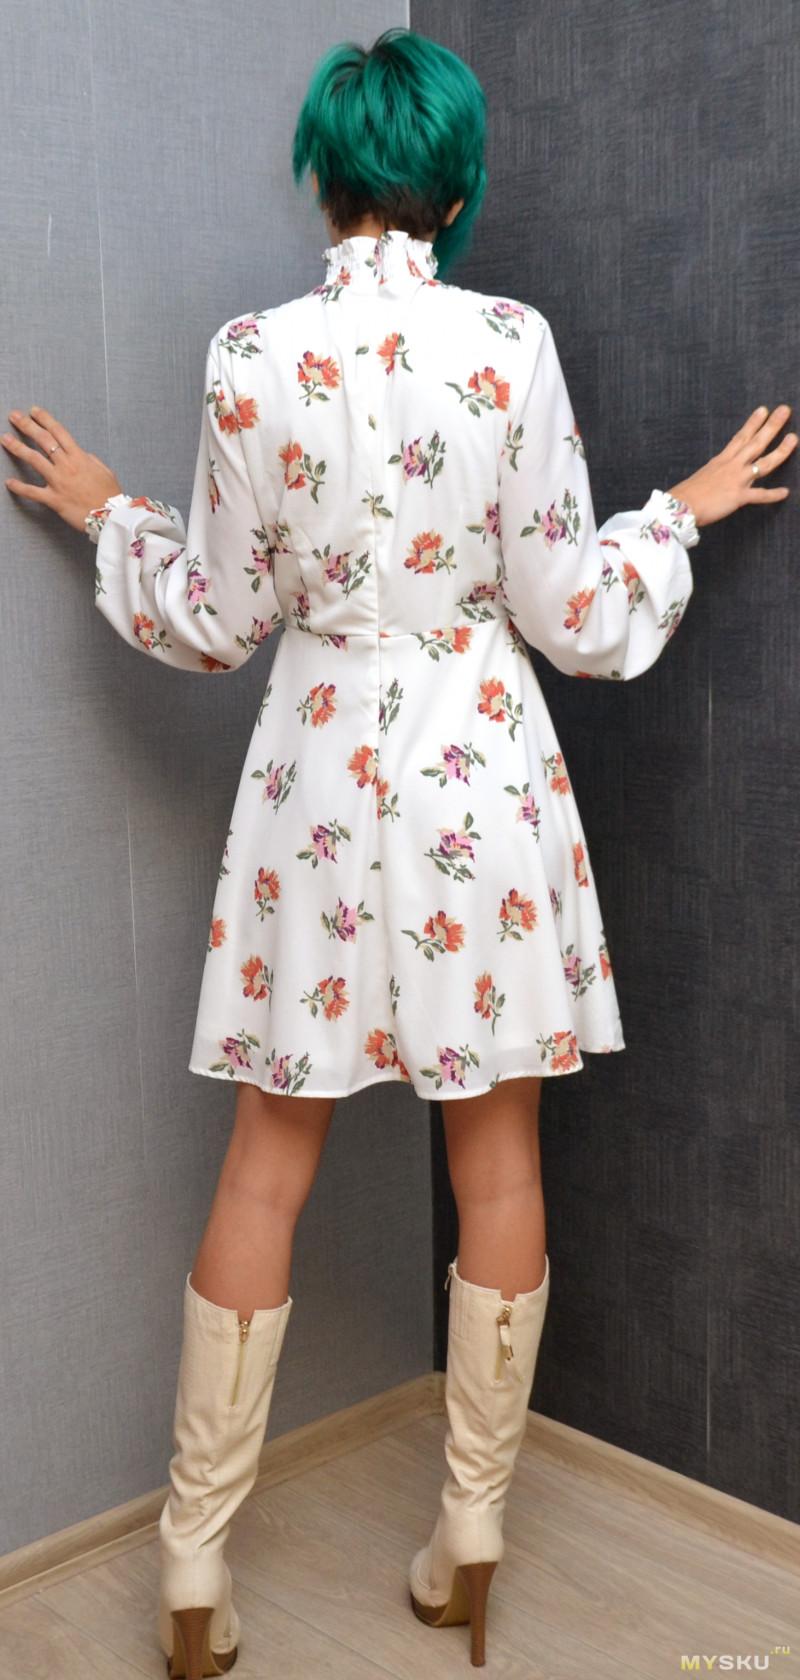 Бабушчатое цветастое платье (просто посмотреть)